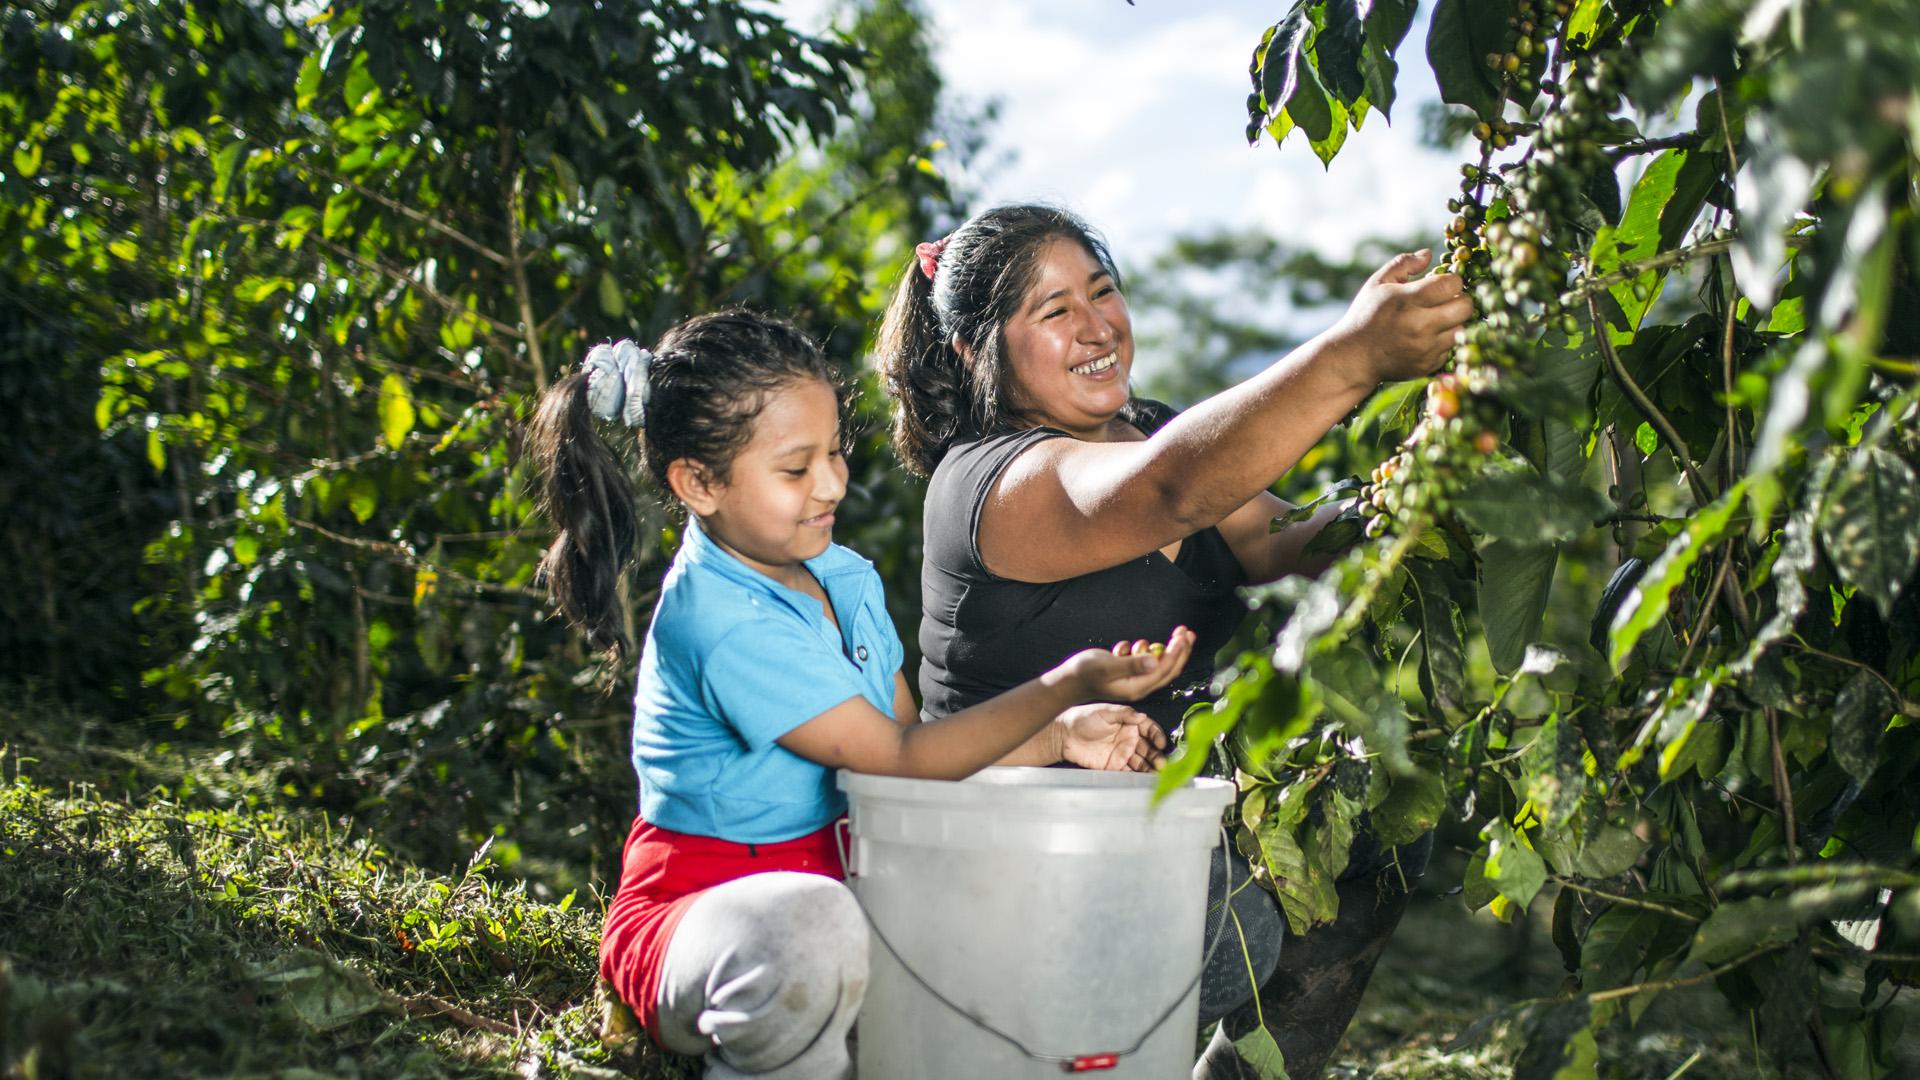 Die ehemalige Koka-Bäuerin Moly Checya aus Peru – hier mit ihrer Tochter – baut jetzt erfolgreich Kaffee an.